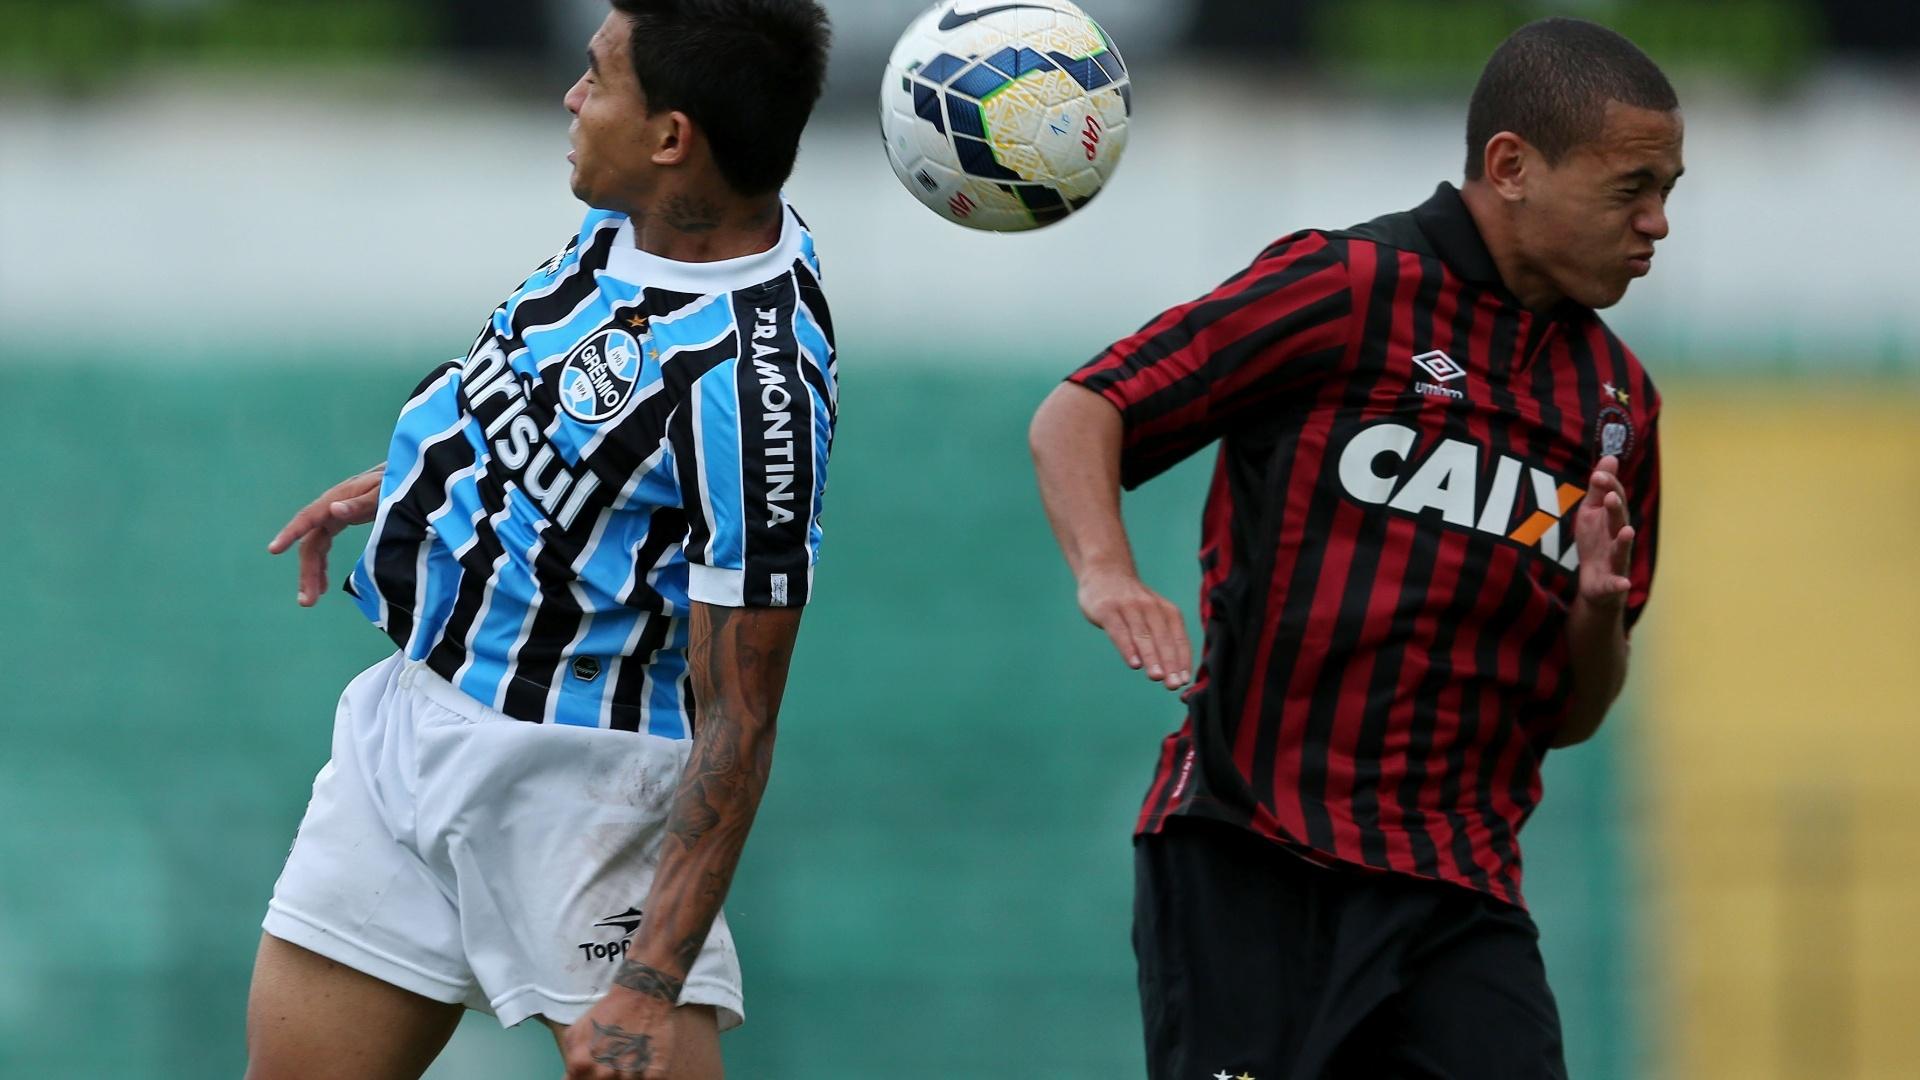 20/04/2014 - Dudu (e), do Grêmio, disputa a bola pelo alto com Marcos Guilherme, do Atlético-PR